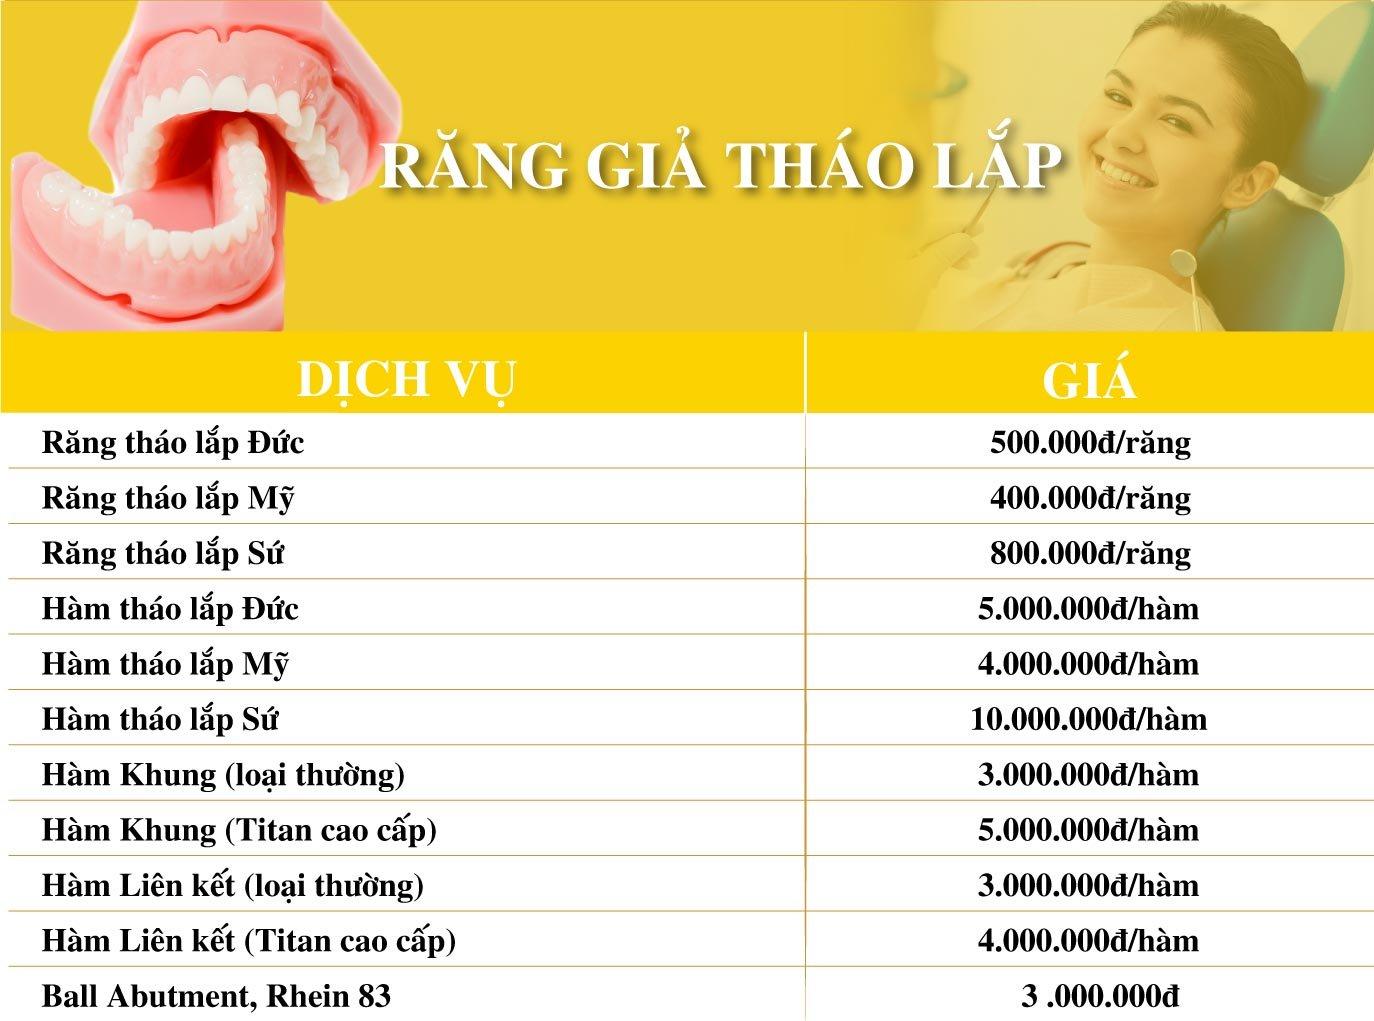 Dich Vu Rang Gia Thao Lap Nha Khoa Dong A Phu Nhuan